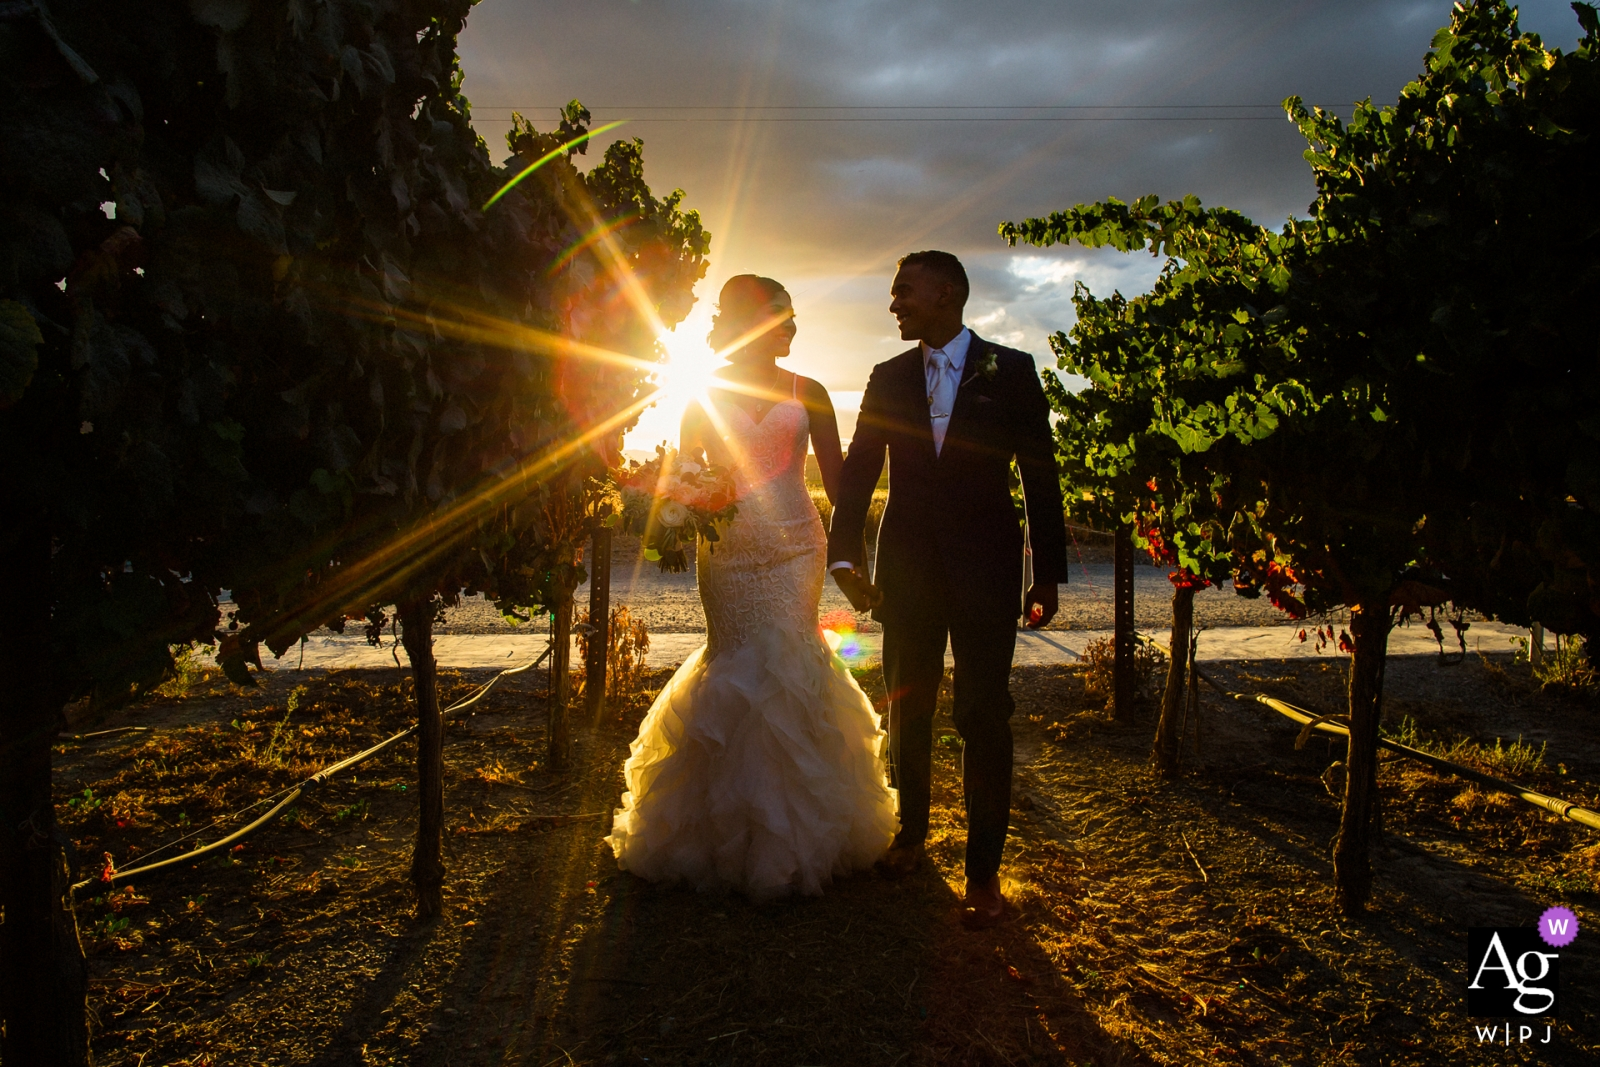 Fotografia di matrimonio da San Francisco, Ca | Giorno delle nozze Ritratto di camminare sposa e sposo al tramonto nel frutteto in fattoria